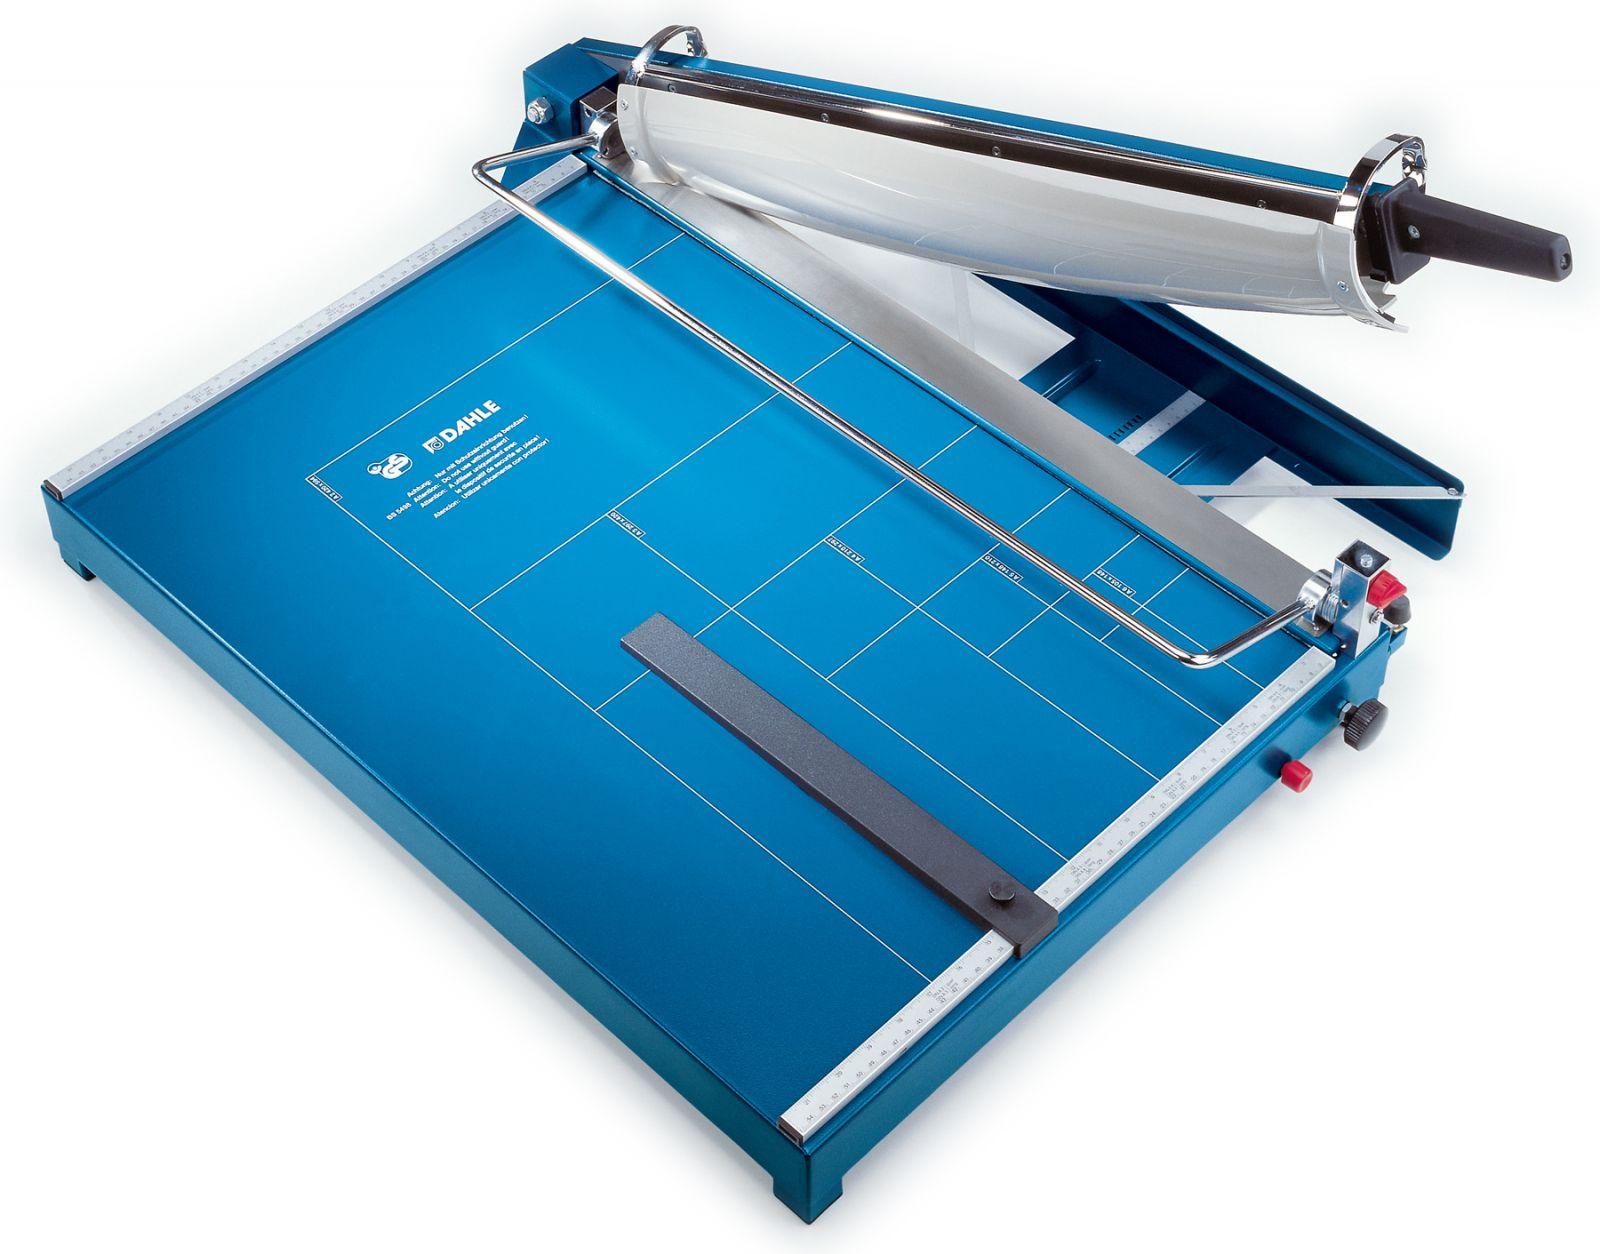 Páková řezačka papíru - DAHLE 597 - délka řezu 550 mm